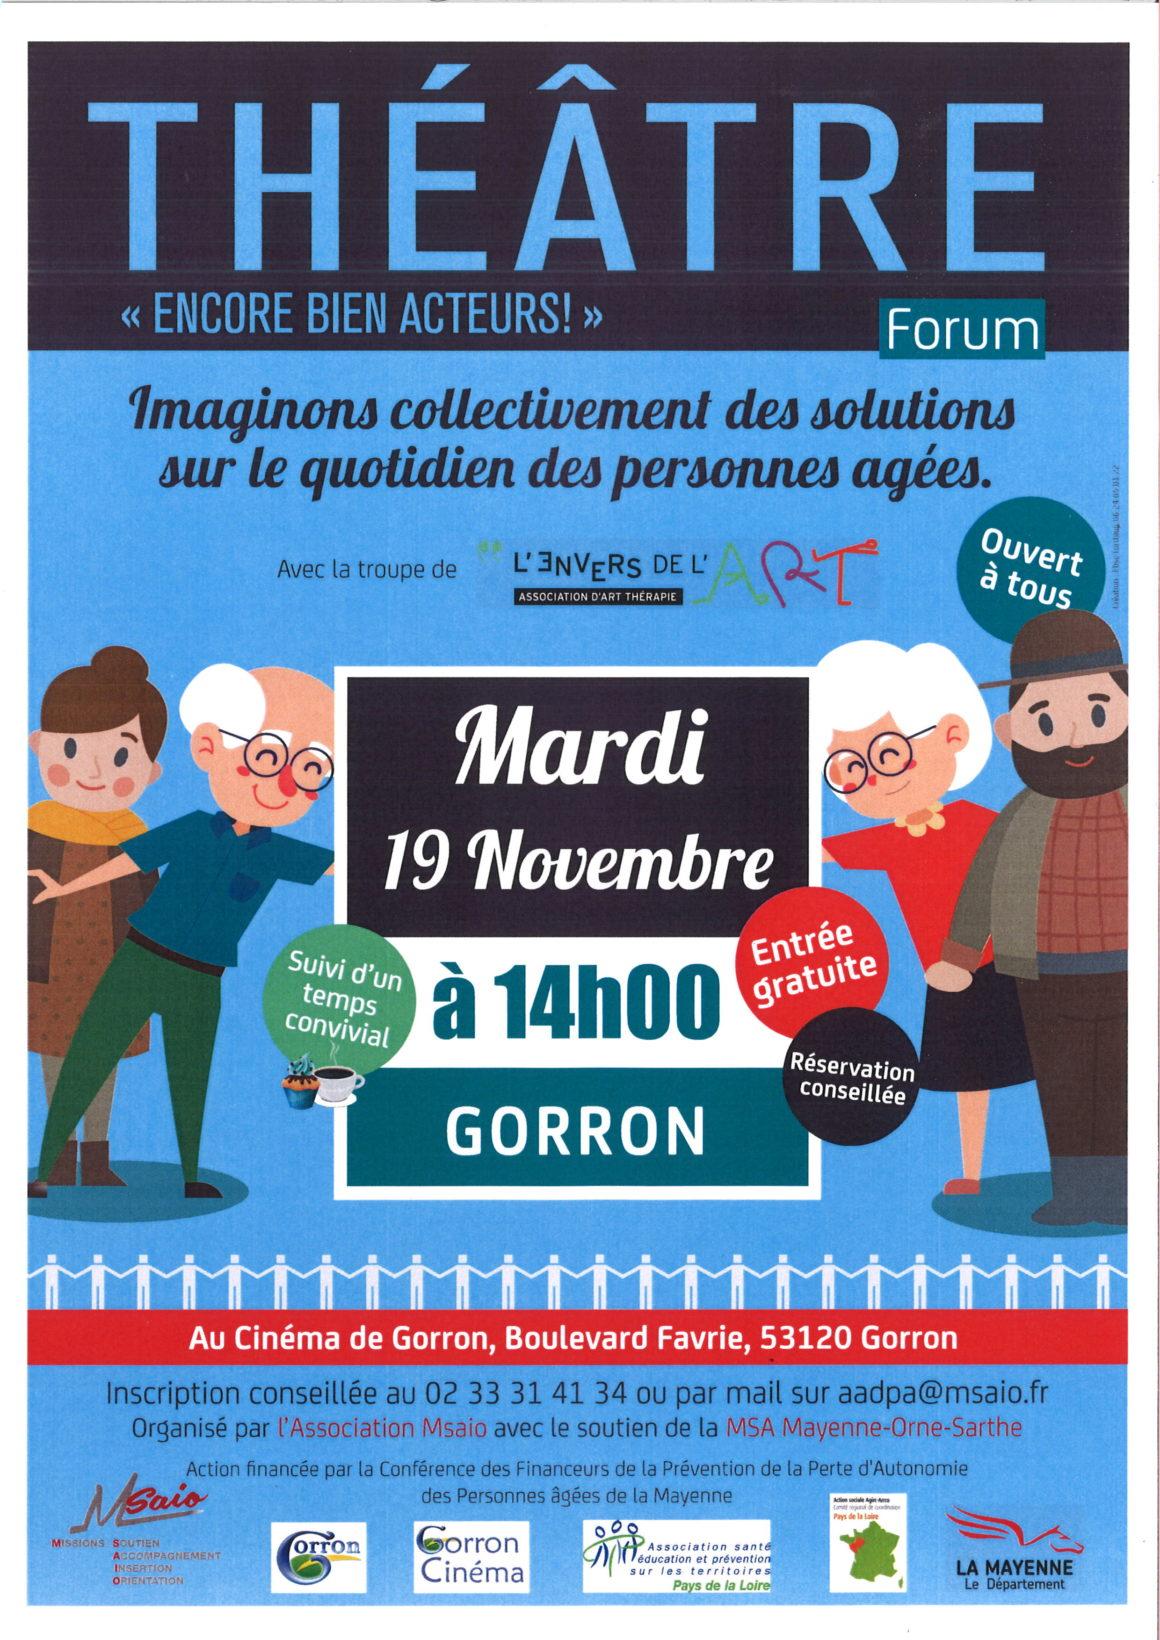 Théâtre forum à GORRON / 19 novembre 2019 – 14 heures